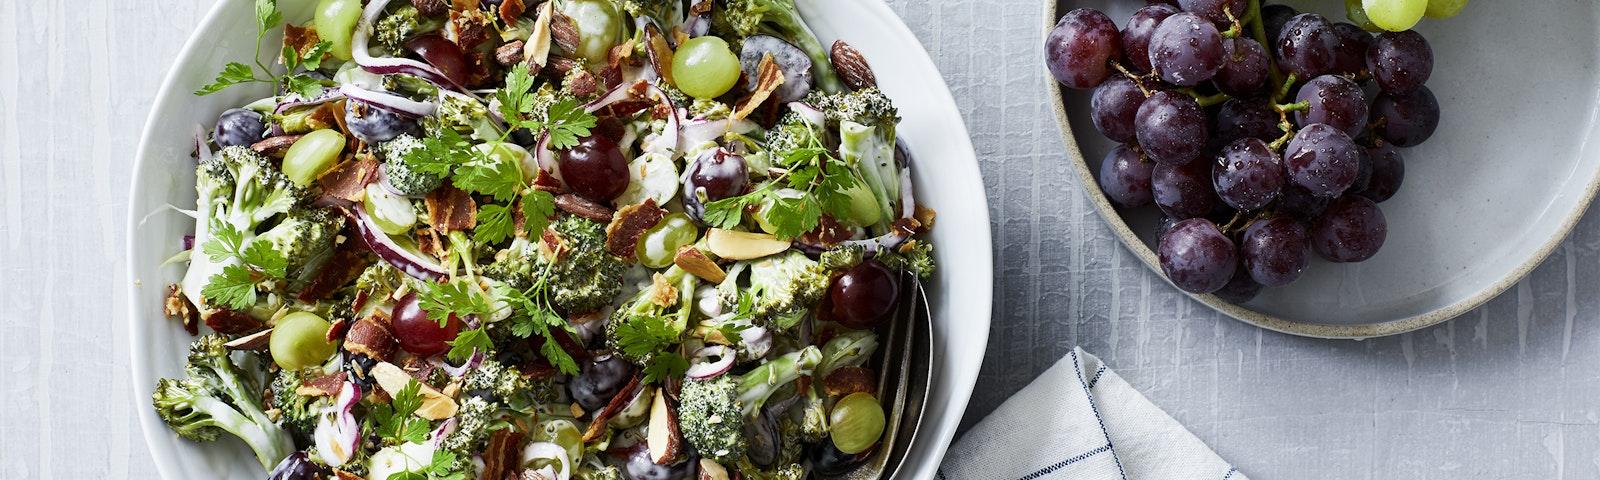 Broccolisalat med vindruer og bacon